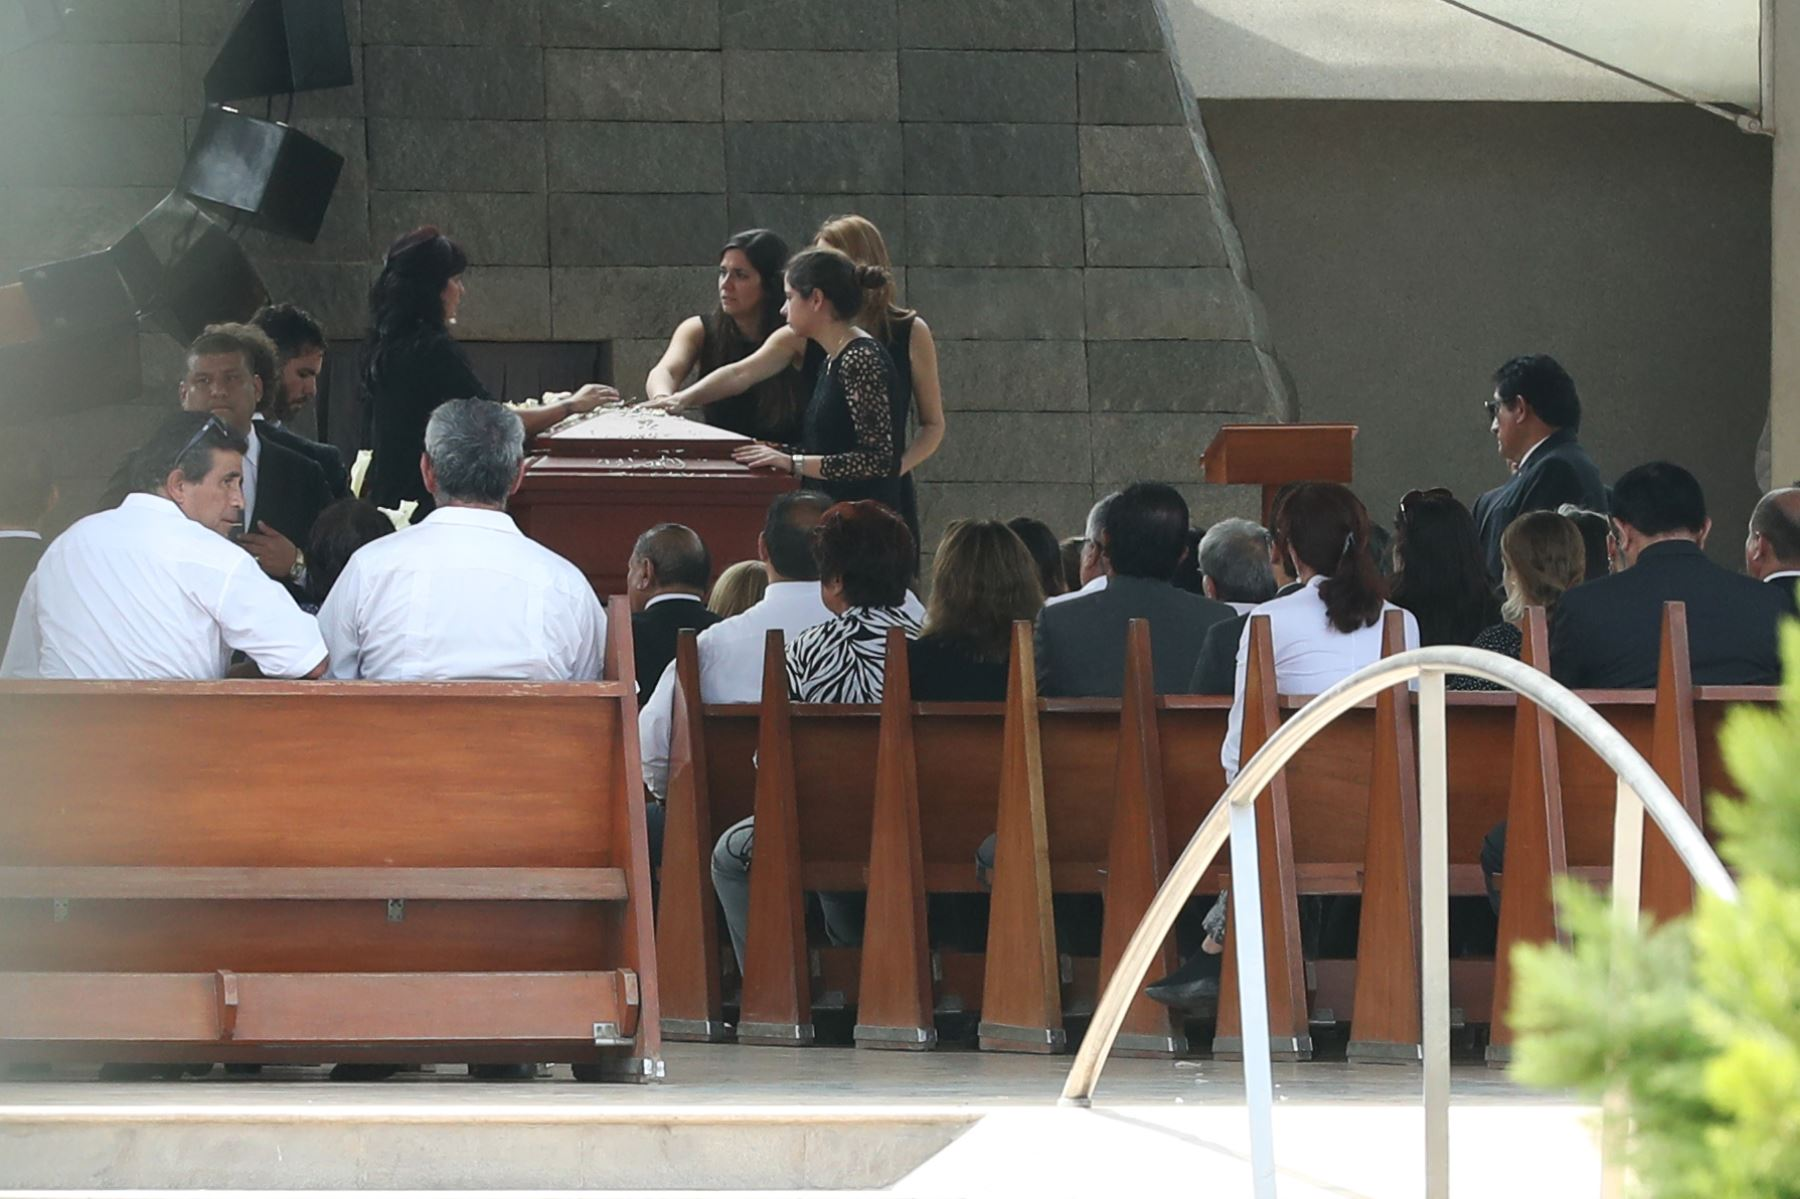 Familiares, militantes del Apra y amistades despidieron al expresidente Alan García Pérez minutos antes de la ceremonia de cremación que se lleva a cabo en el camposanto Mapre de Huachipa  Foto: ANDINA/Melina Mejía